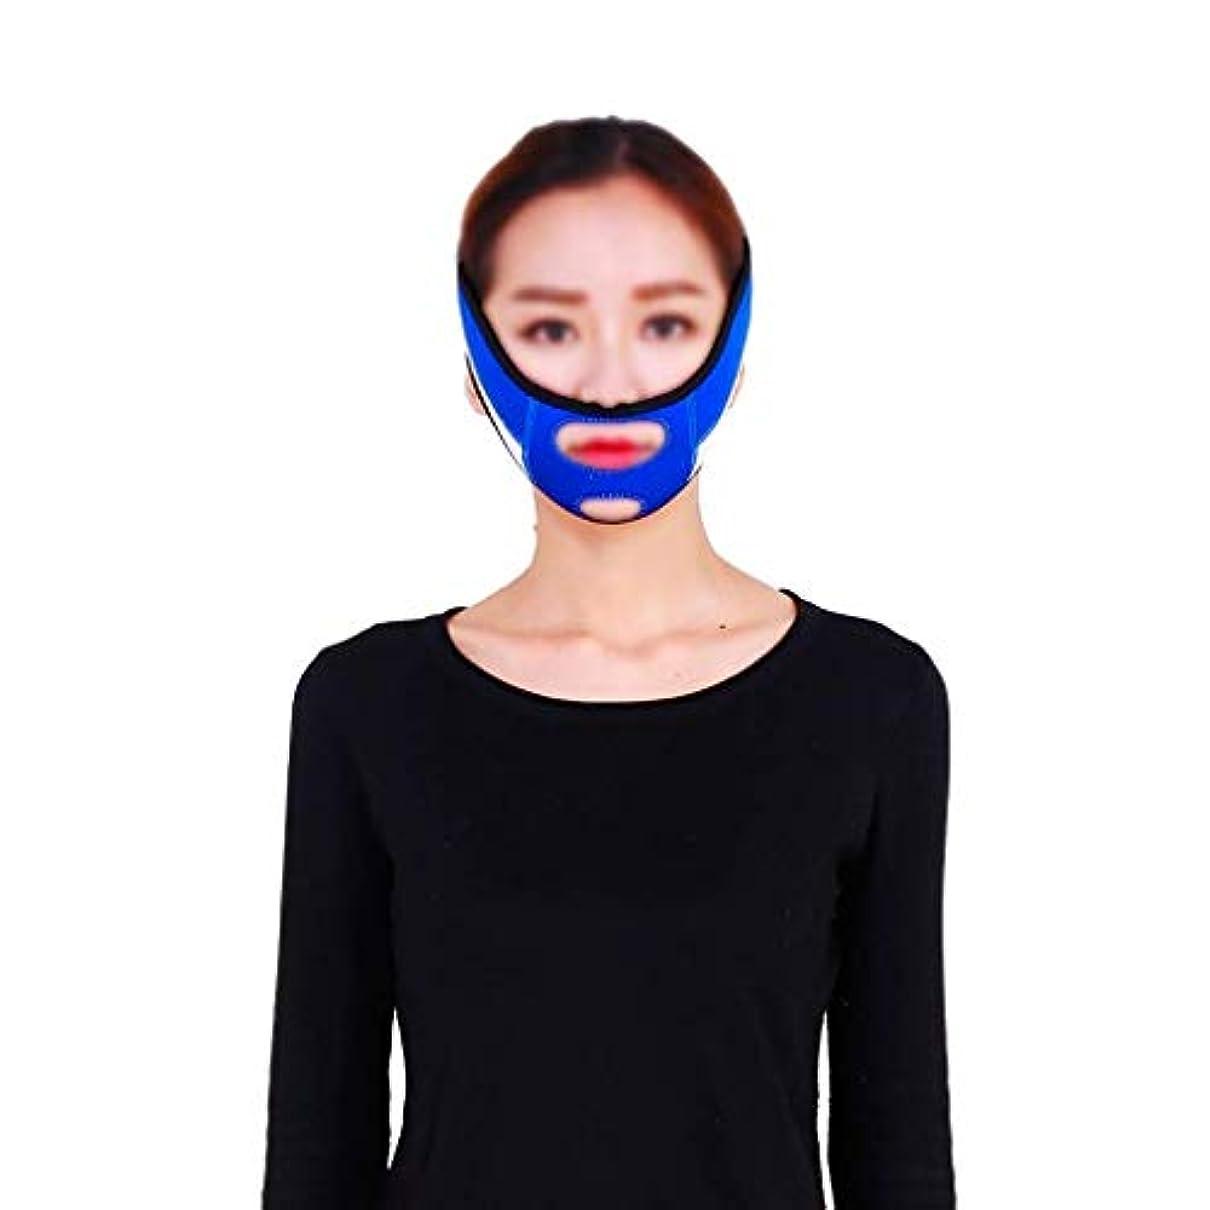 スプレーモーション石化するファーミングフェイスマスク、スモールVフェイスアーティファクトリフティングマスク、口を調整して垂れ下がった肌を縮小滑り止め弾性ストレッチ包帯